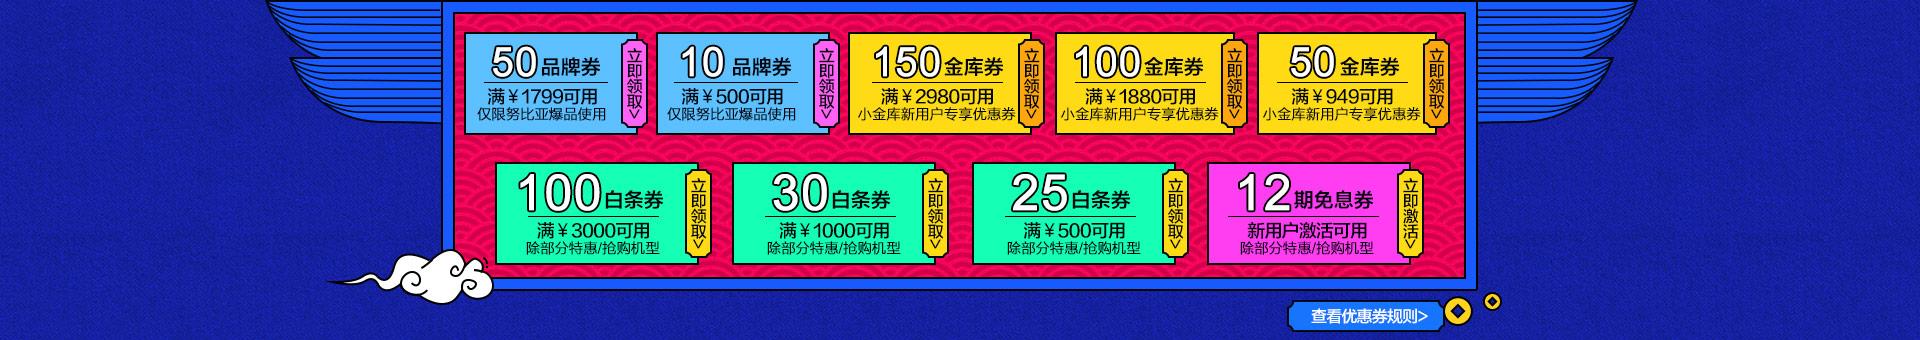 京东通讯年货节